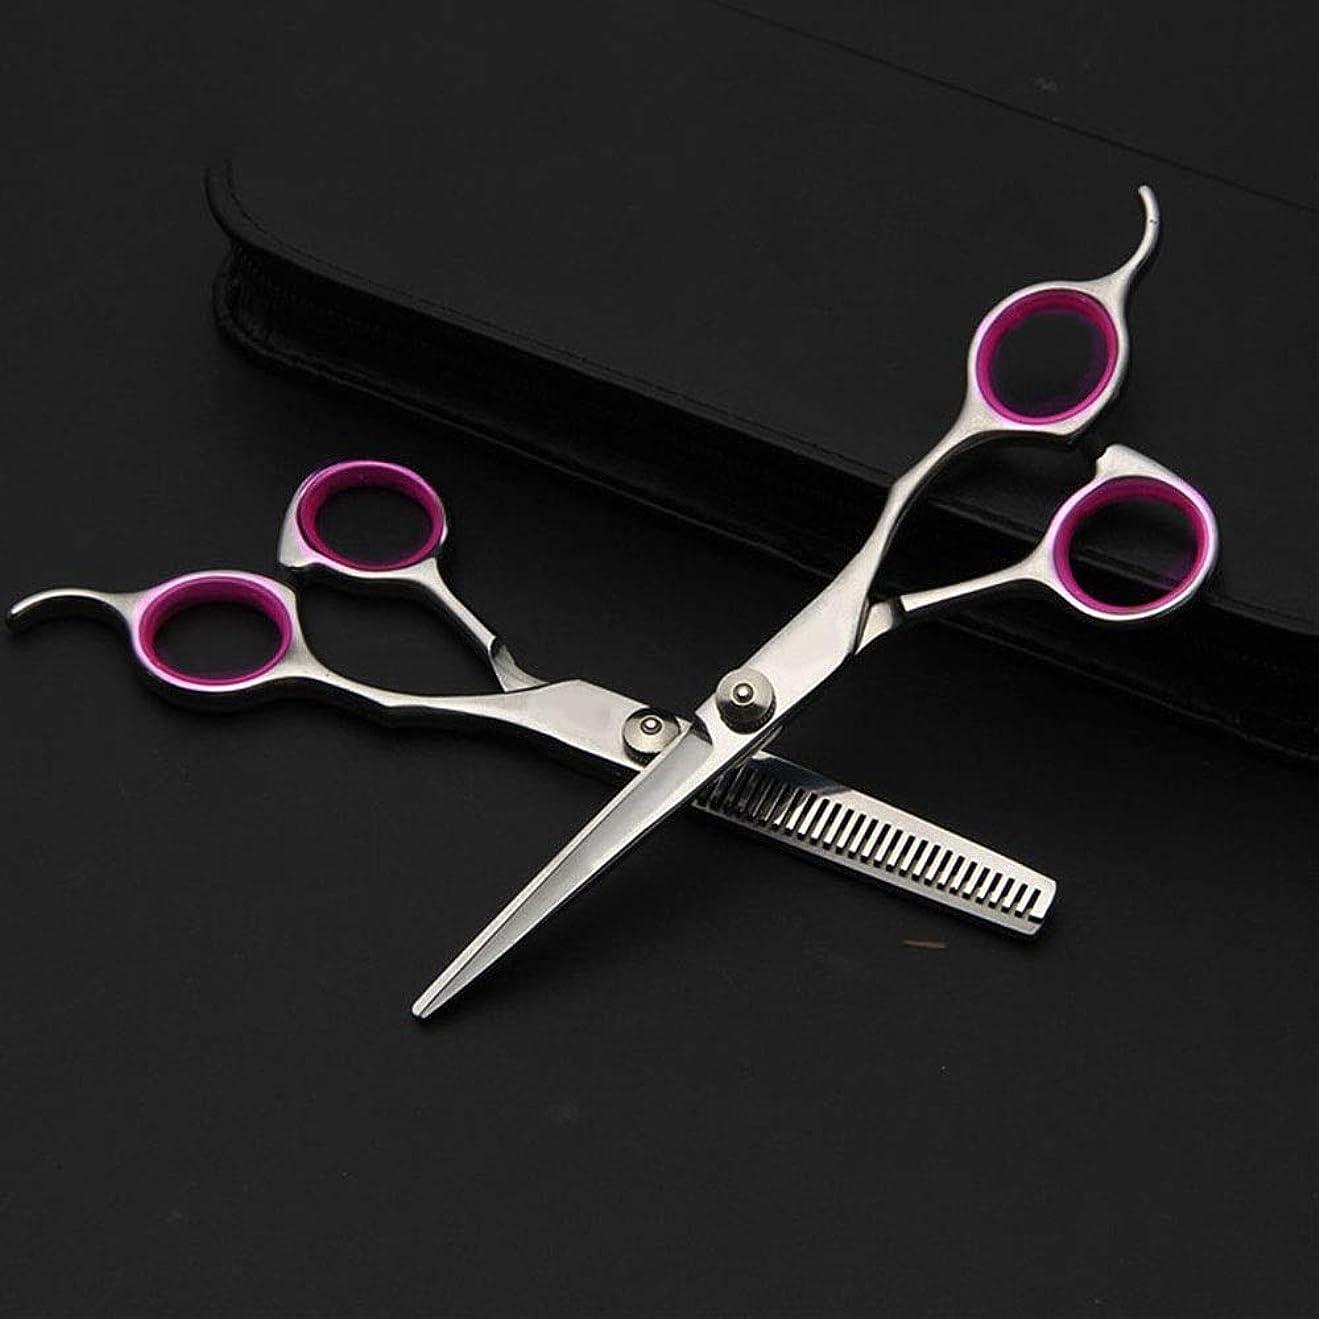 公平な活気づくモナリザ6インチ理髪はさみハイスクリューハンド散髪フラットトゥース家庭用セット モデリングツール (色 : Silver)